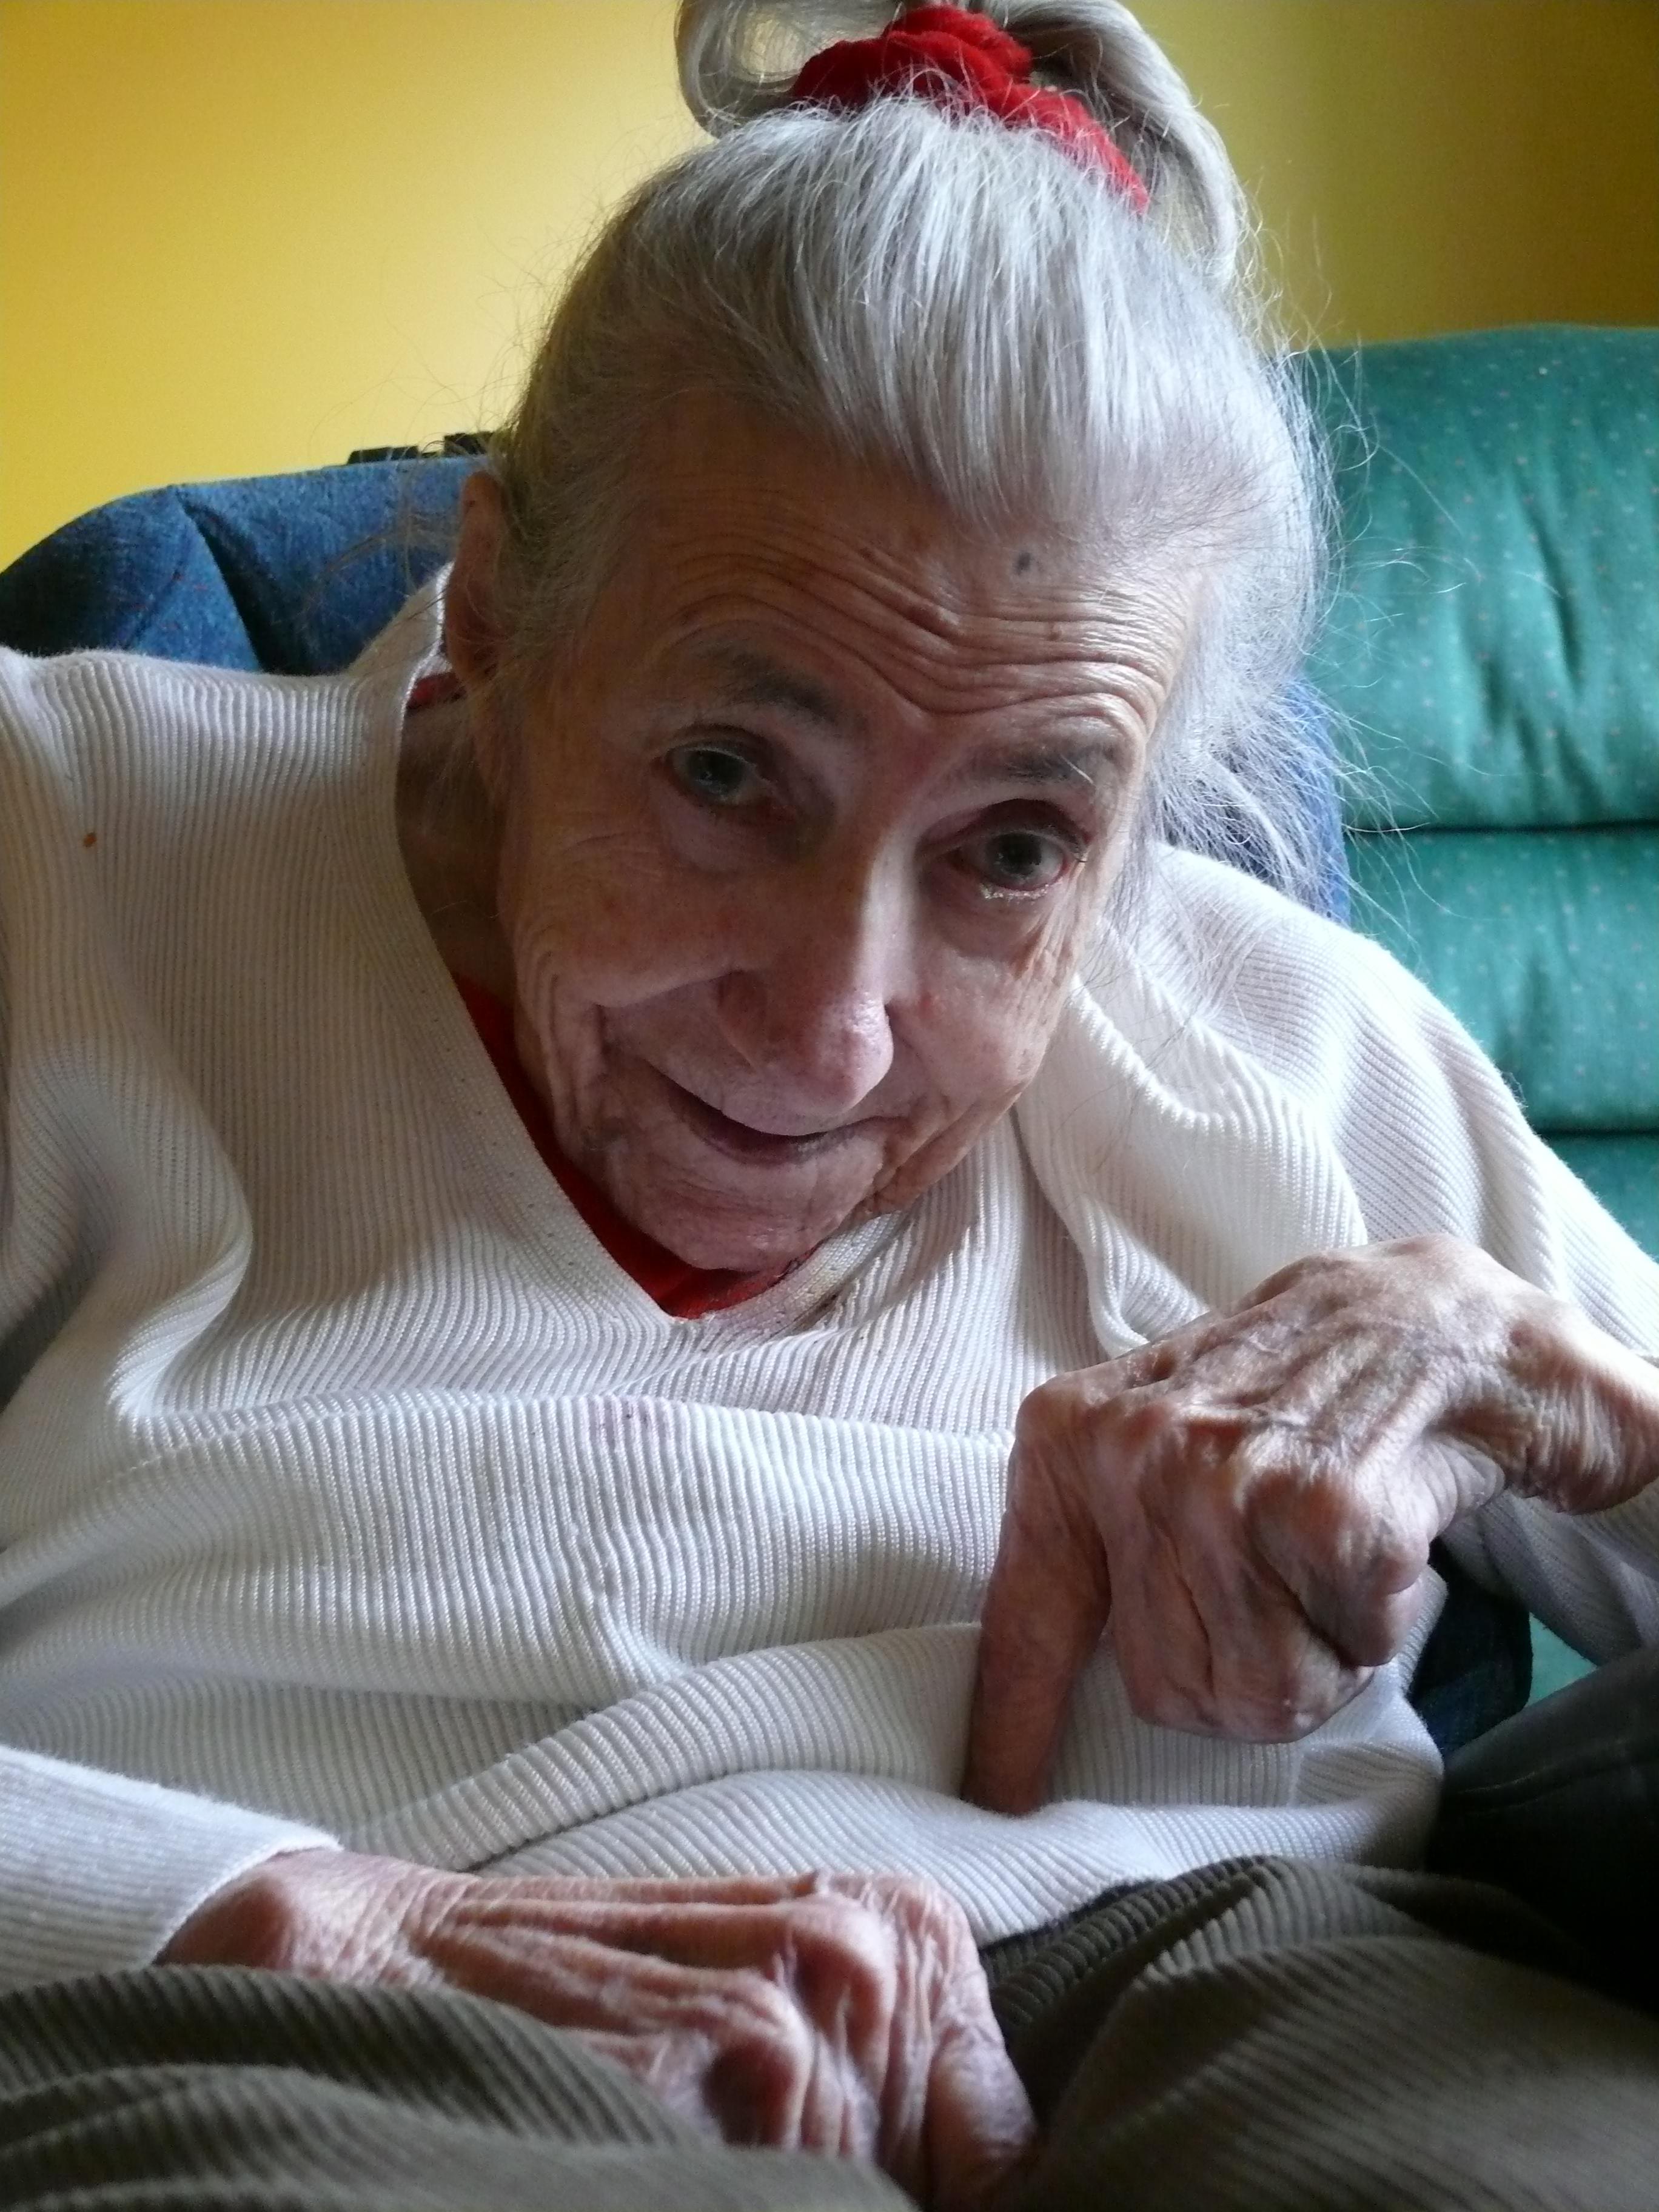 Heute leben in Deutschland etwa 1,4 Millionen Menschen mit Demenzerkrankungen. Ungefähr zwei Drittel davon leiden an der Alzheimer-Demenz. Ihre Zahl wird bis 2050 auf 3 Millionen steigen, sofern kein Durchbruch in der Therapie gelingt.